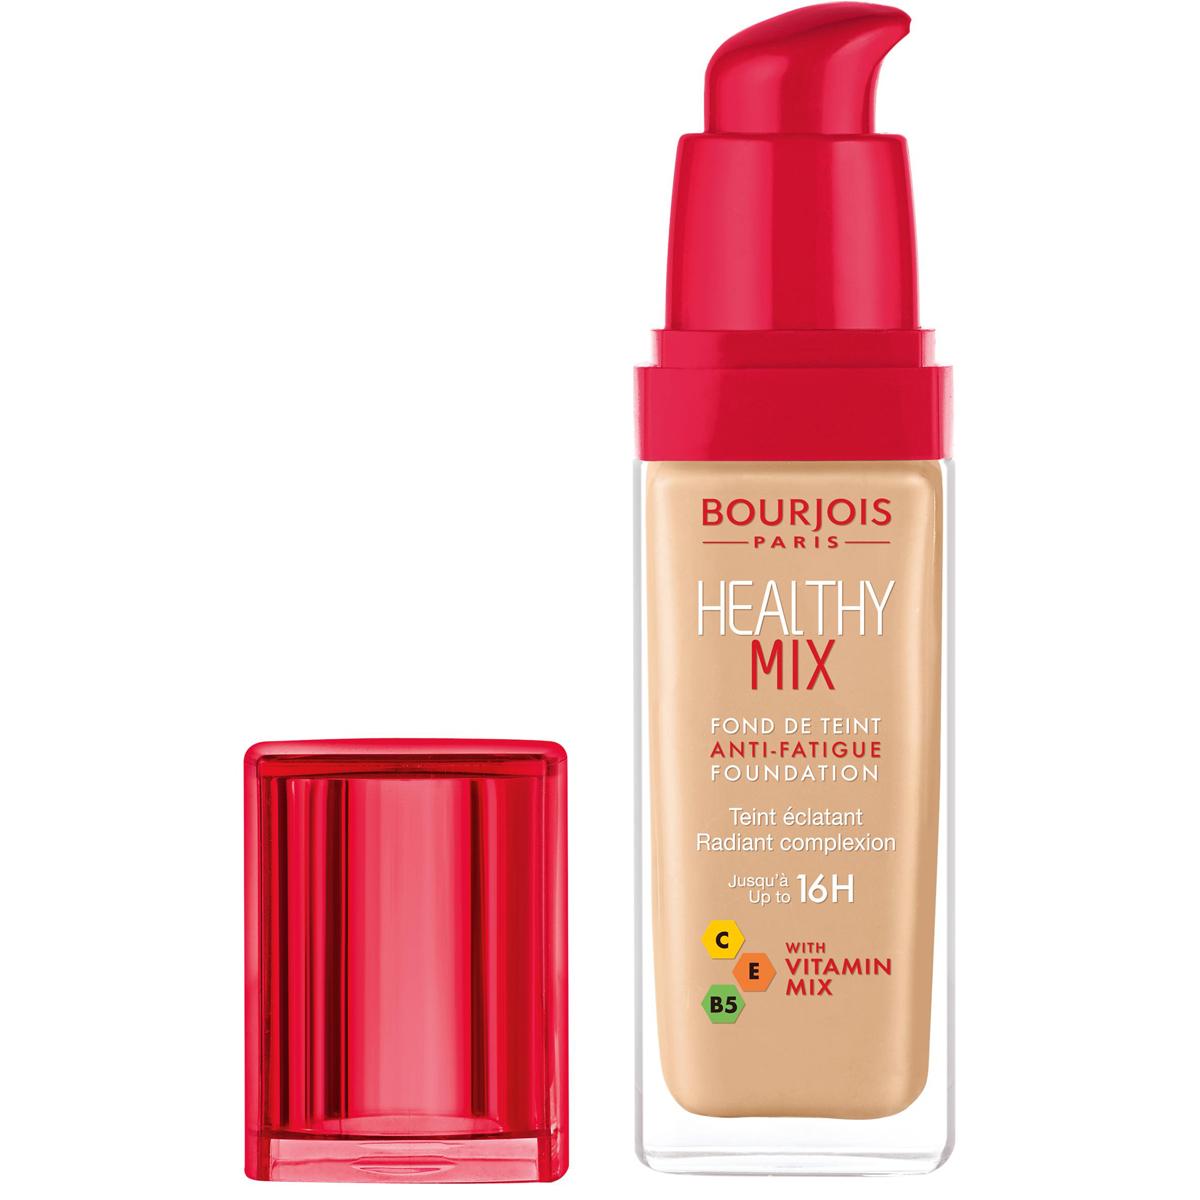 Bourjois Консилер Healthy Mix, Тон 5329199598003Healthy Mix Concealer содержит антиоксиданты, мощный витаминный комплекс и тонизирующие компоненты, которые скрывают следы усталости и придают сияние Вашей коже.